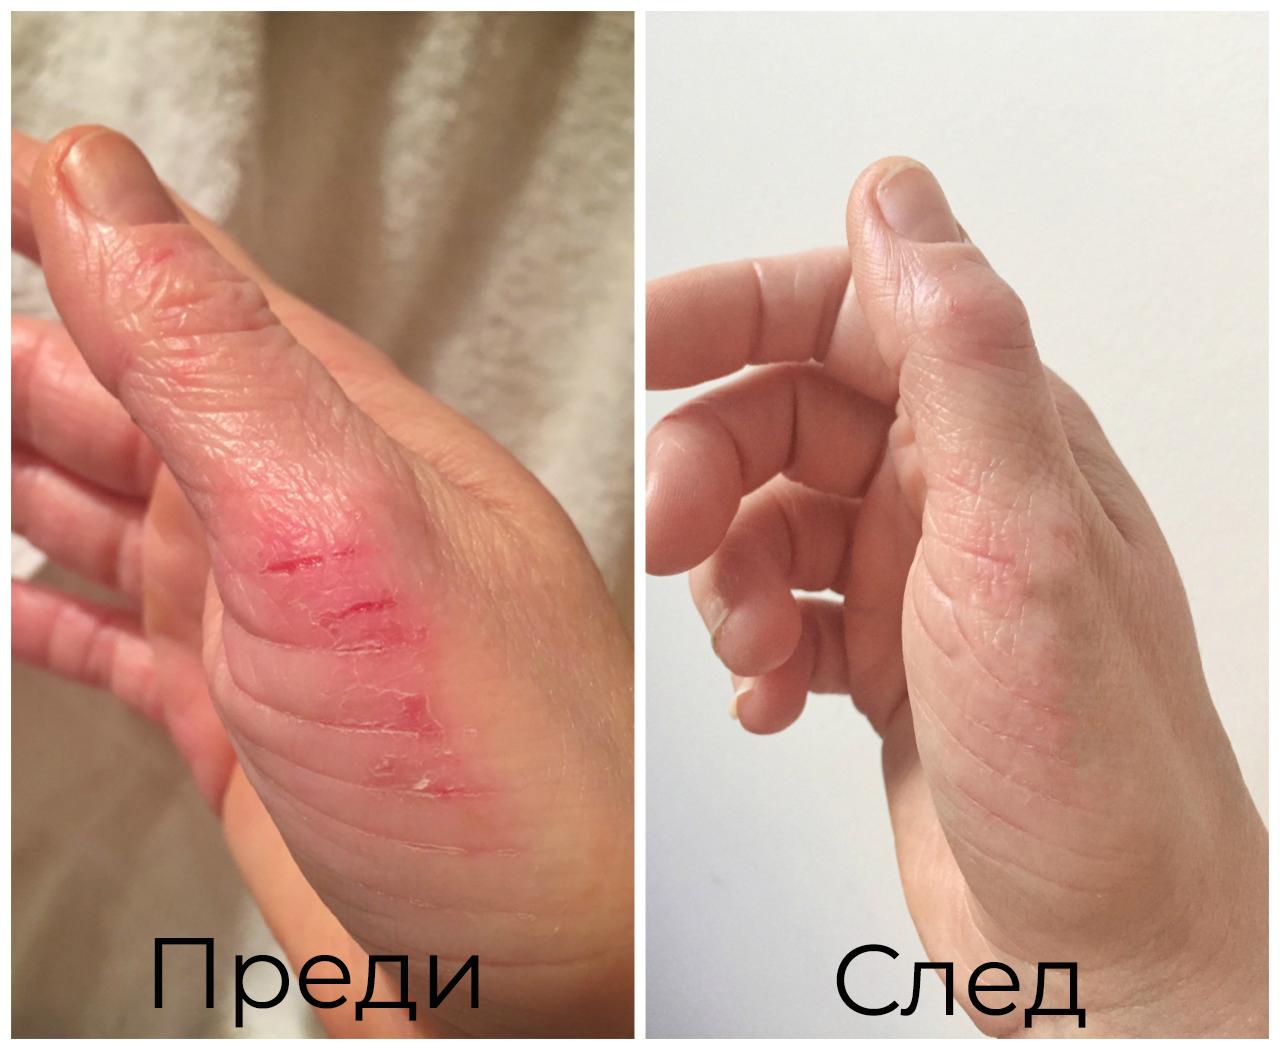 Bioskin Дезинфектант за ръце е специално предназначен за суха кожа на ръцете, възстановява, вместо да уврежда кожата, както е при повечето дезинфекциращи продукти.